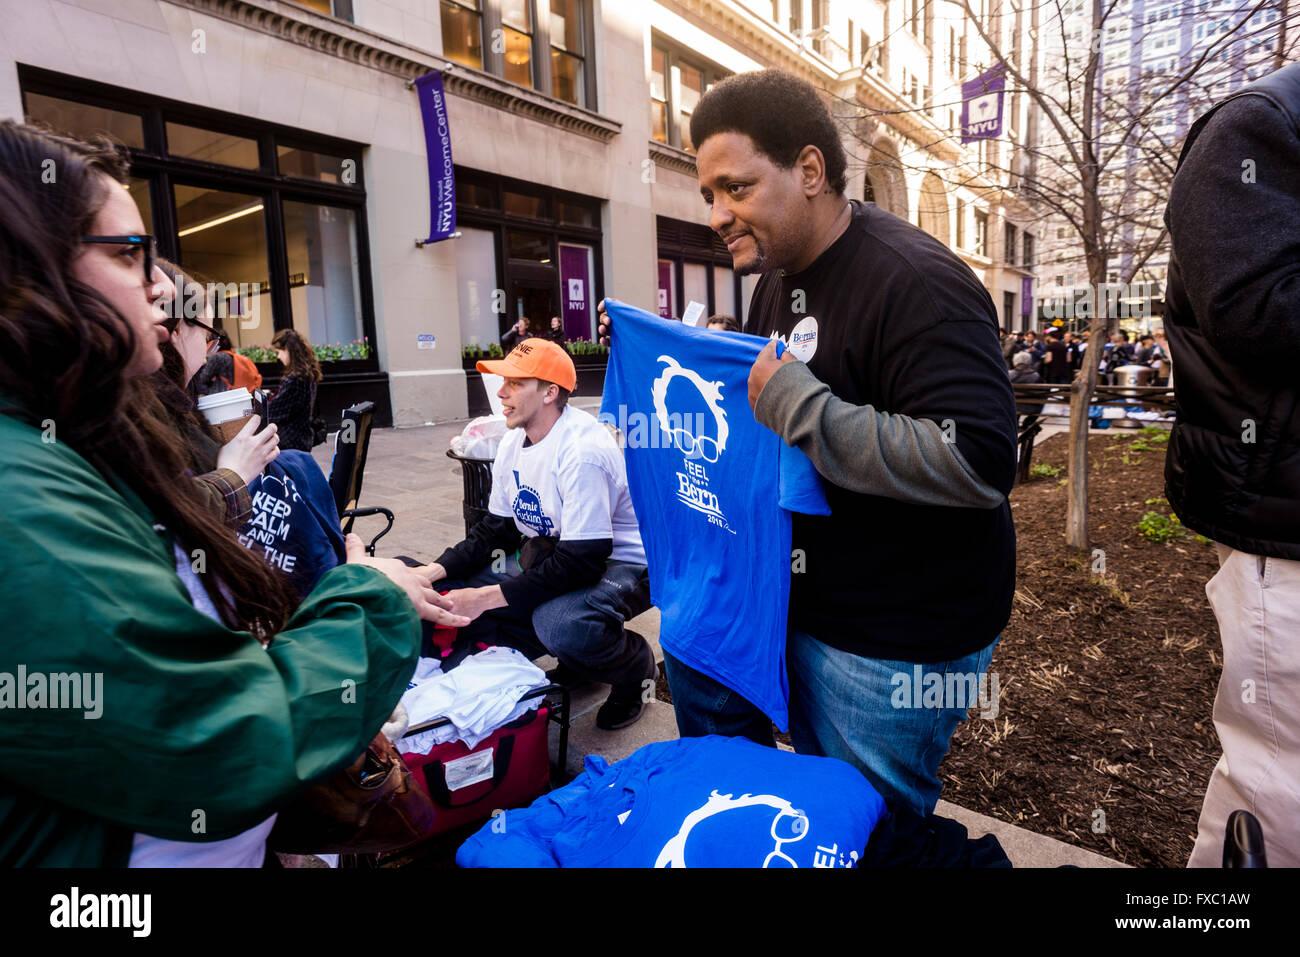 New York, USA. 13 avril, 2016. Heures avant un Bernie Sanders rally devrait commencer à vendre des boutons, Photo Stock